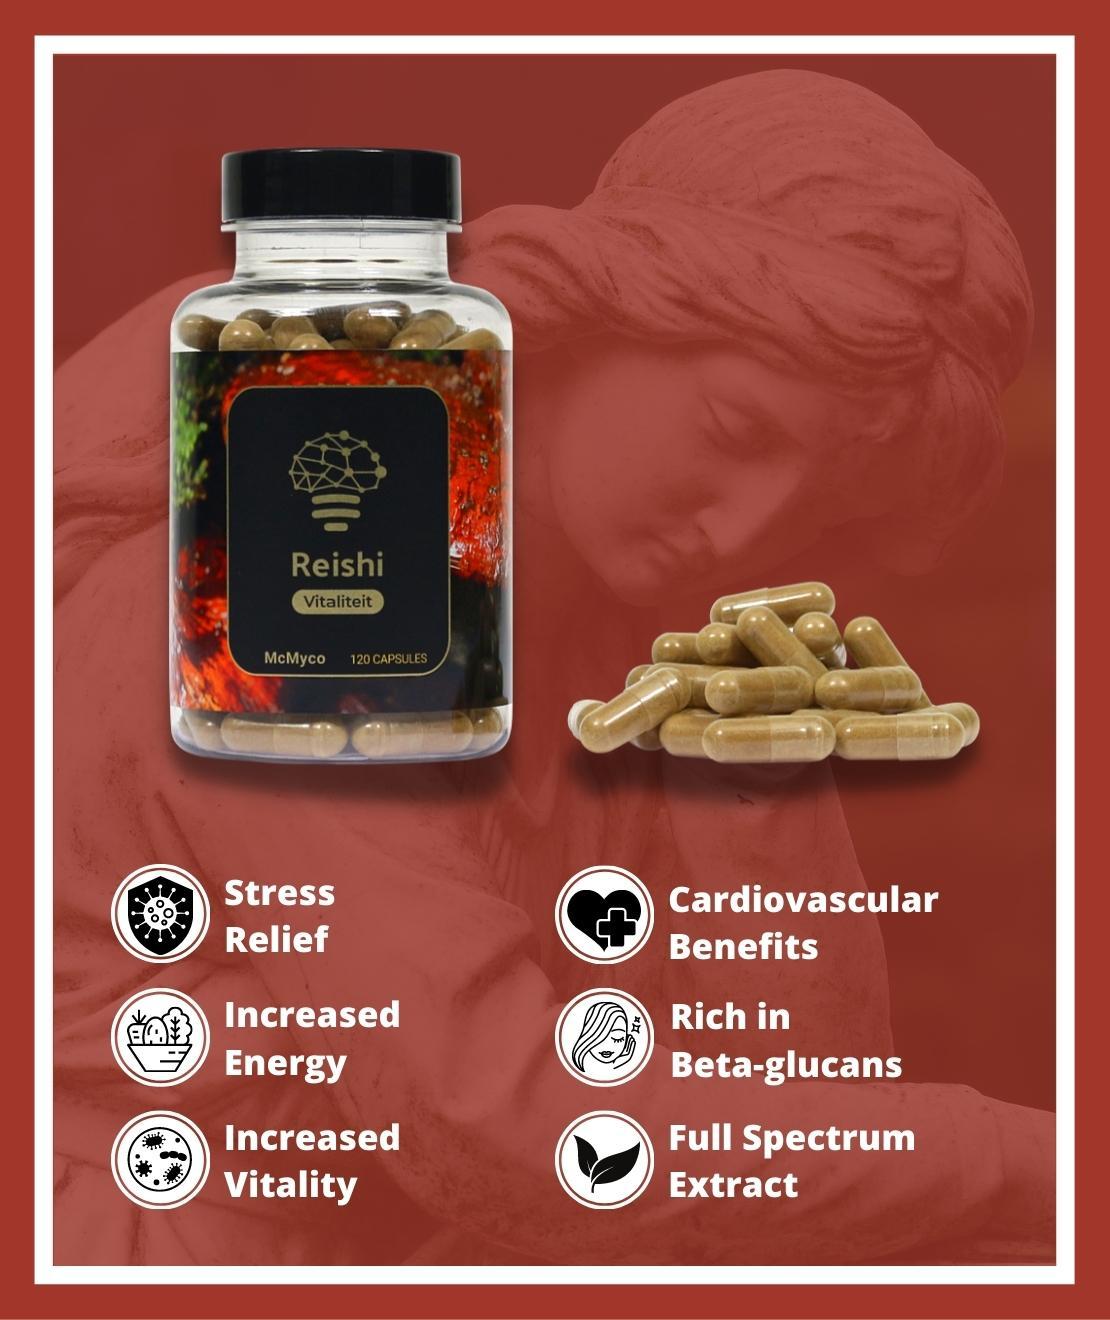 Reishi medicinal mushrooms for sale capsules smartific